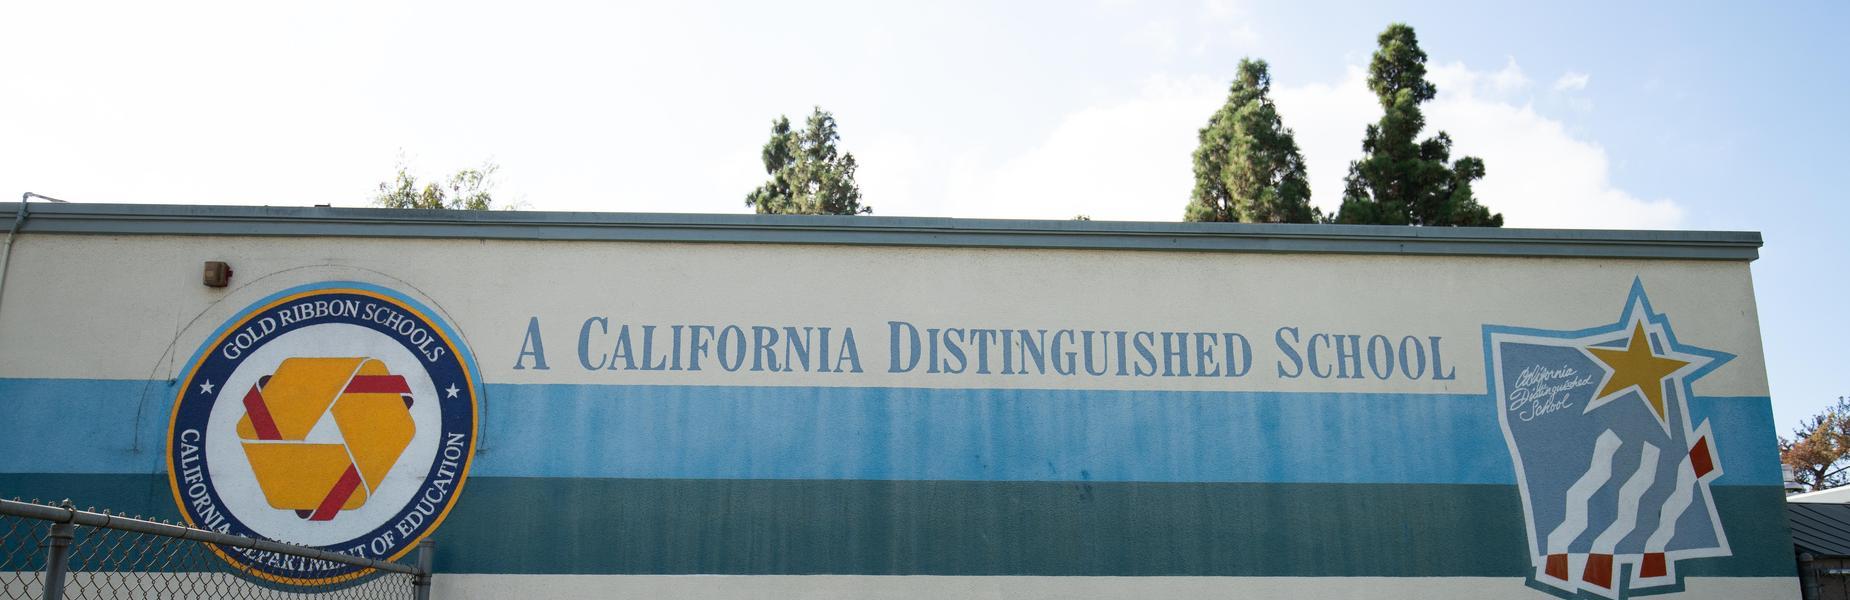 Ynez is a California Distinguished School